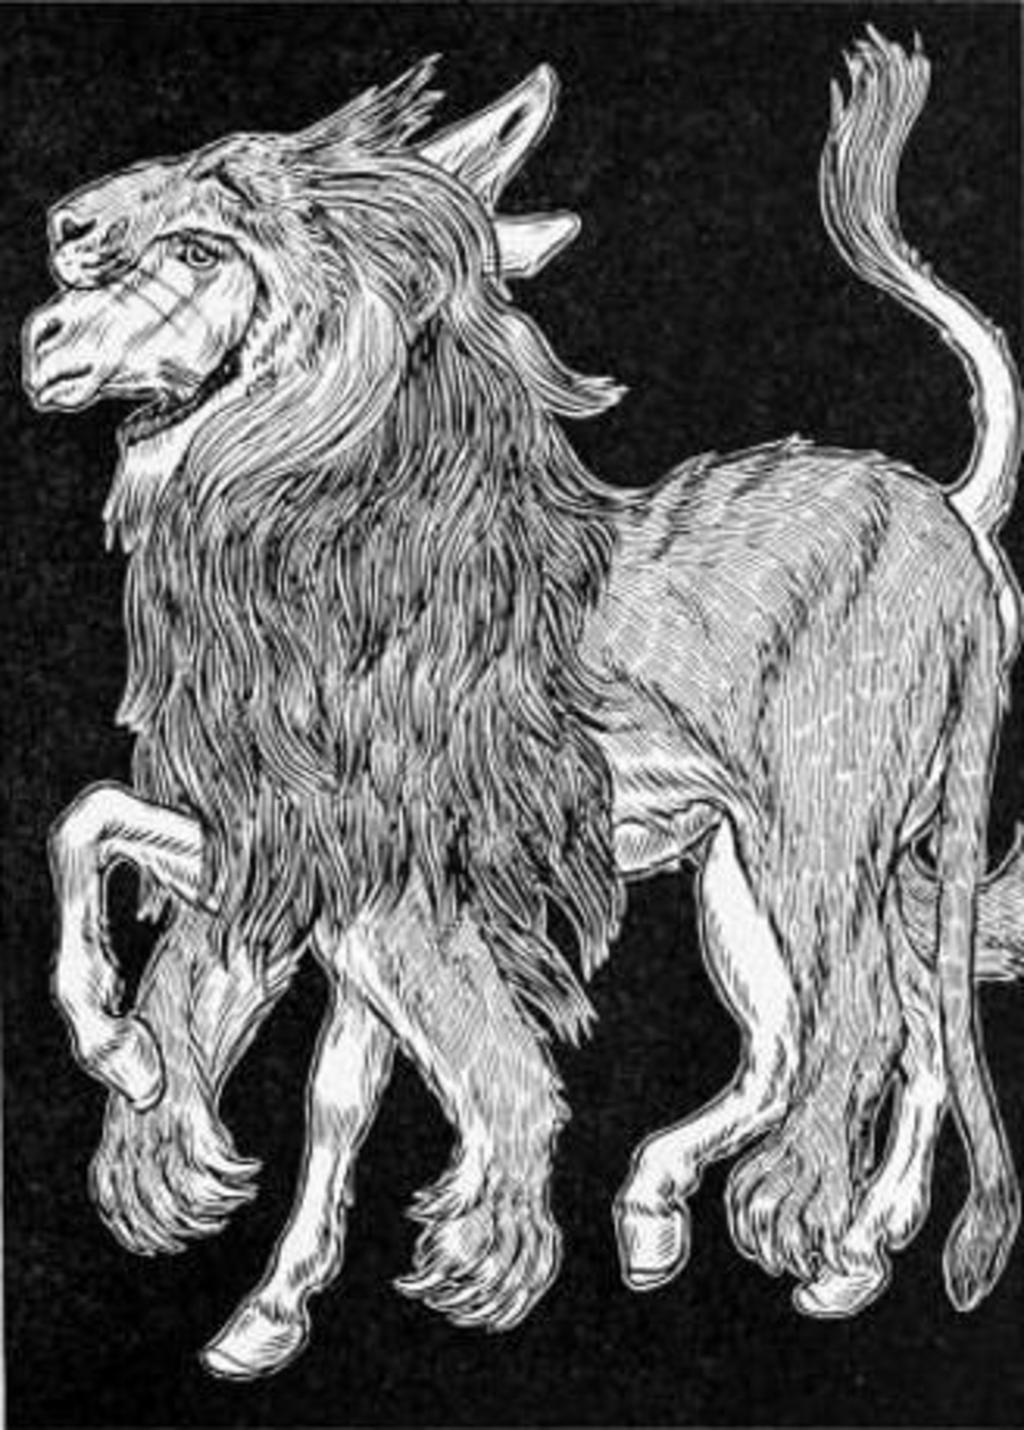 Bien-aimé l-ane-vetu-de-la-peau-du-lion-  GQ13